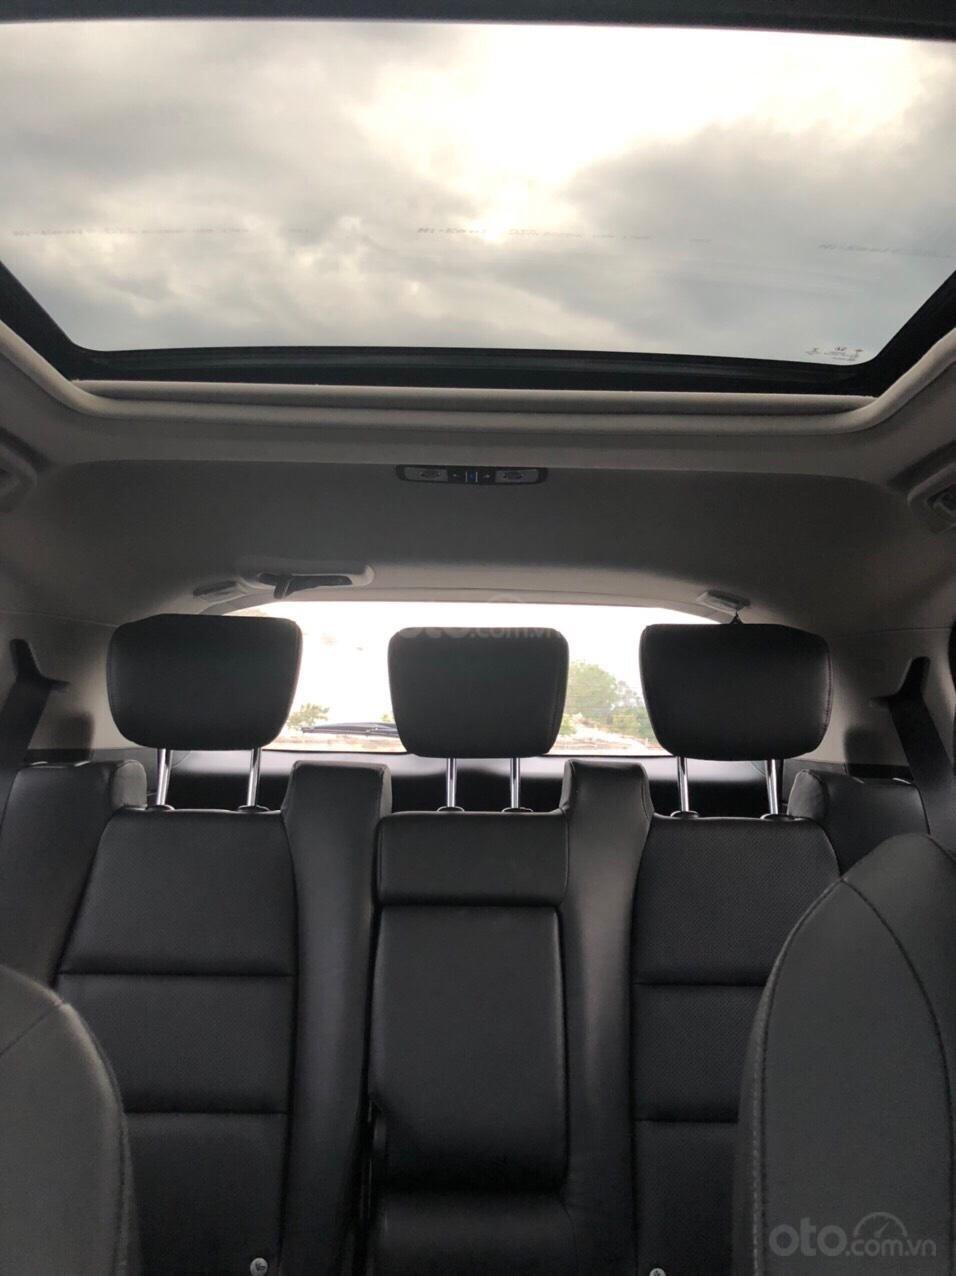 [Đại lý chính hãng - Honda ô tô Khánh Hòa] Honda HR-V 2020, ưu đãi 50% thuế trước bạ đến 31/12/2020 (7)